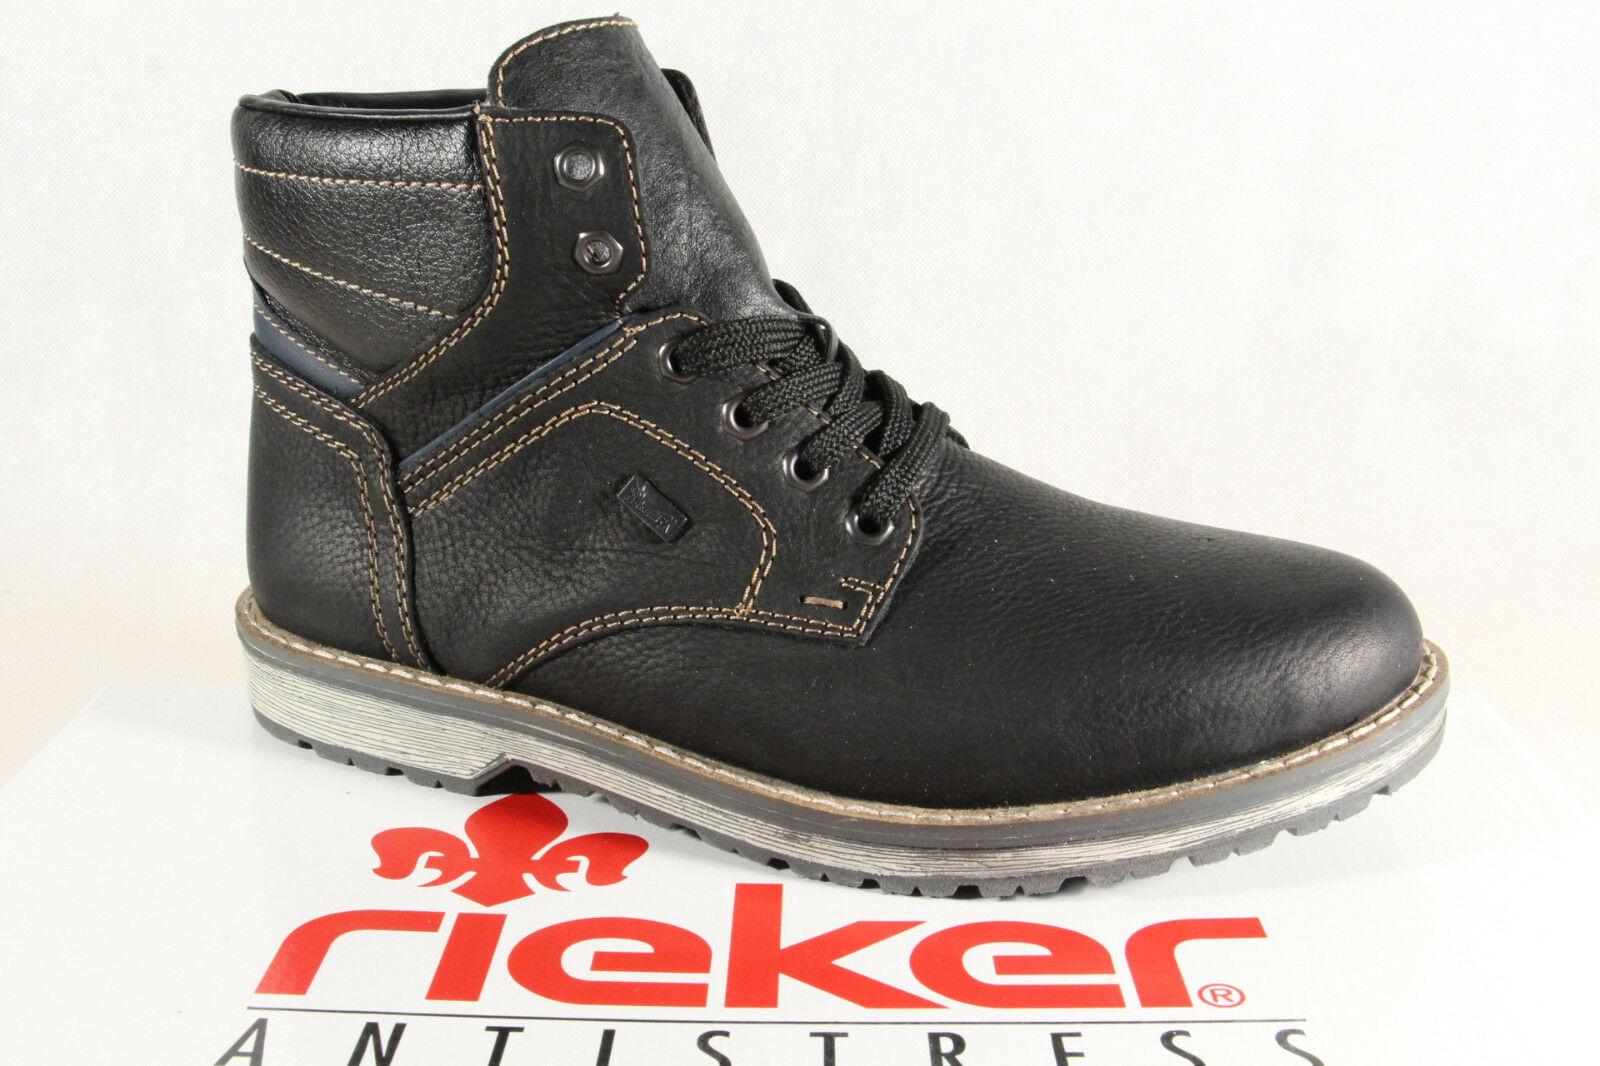 Rieker TEX Herren Stiefel Schnürstiefel Boots Echtleder 39223 NEU ... d1e6d5aab5